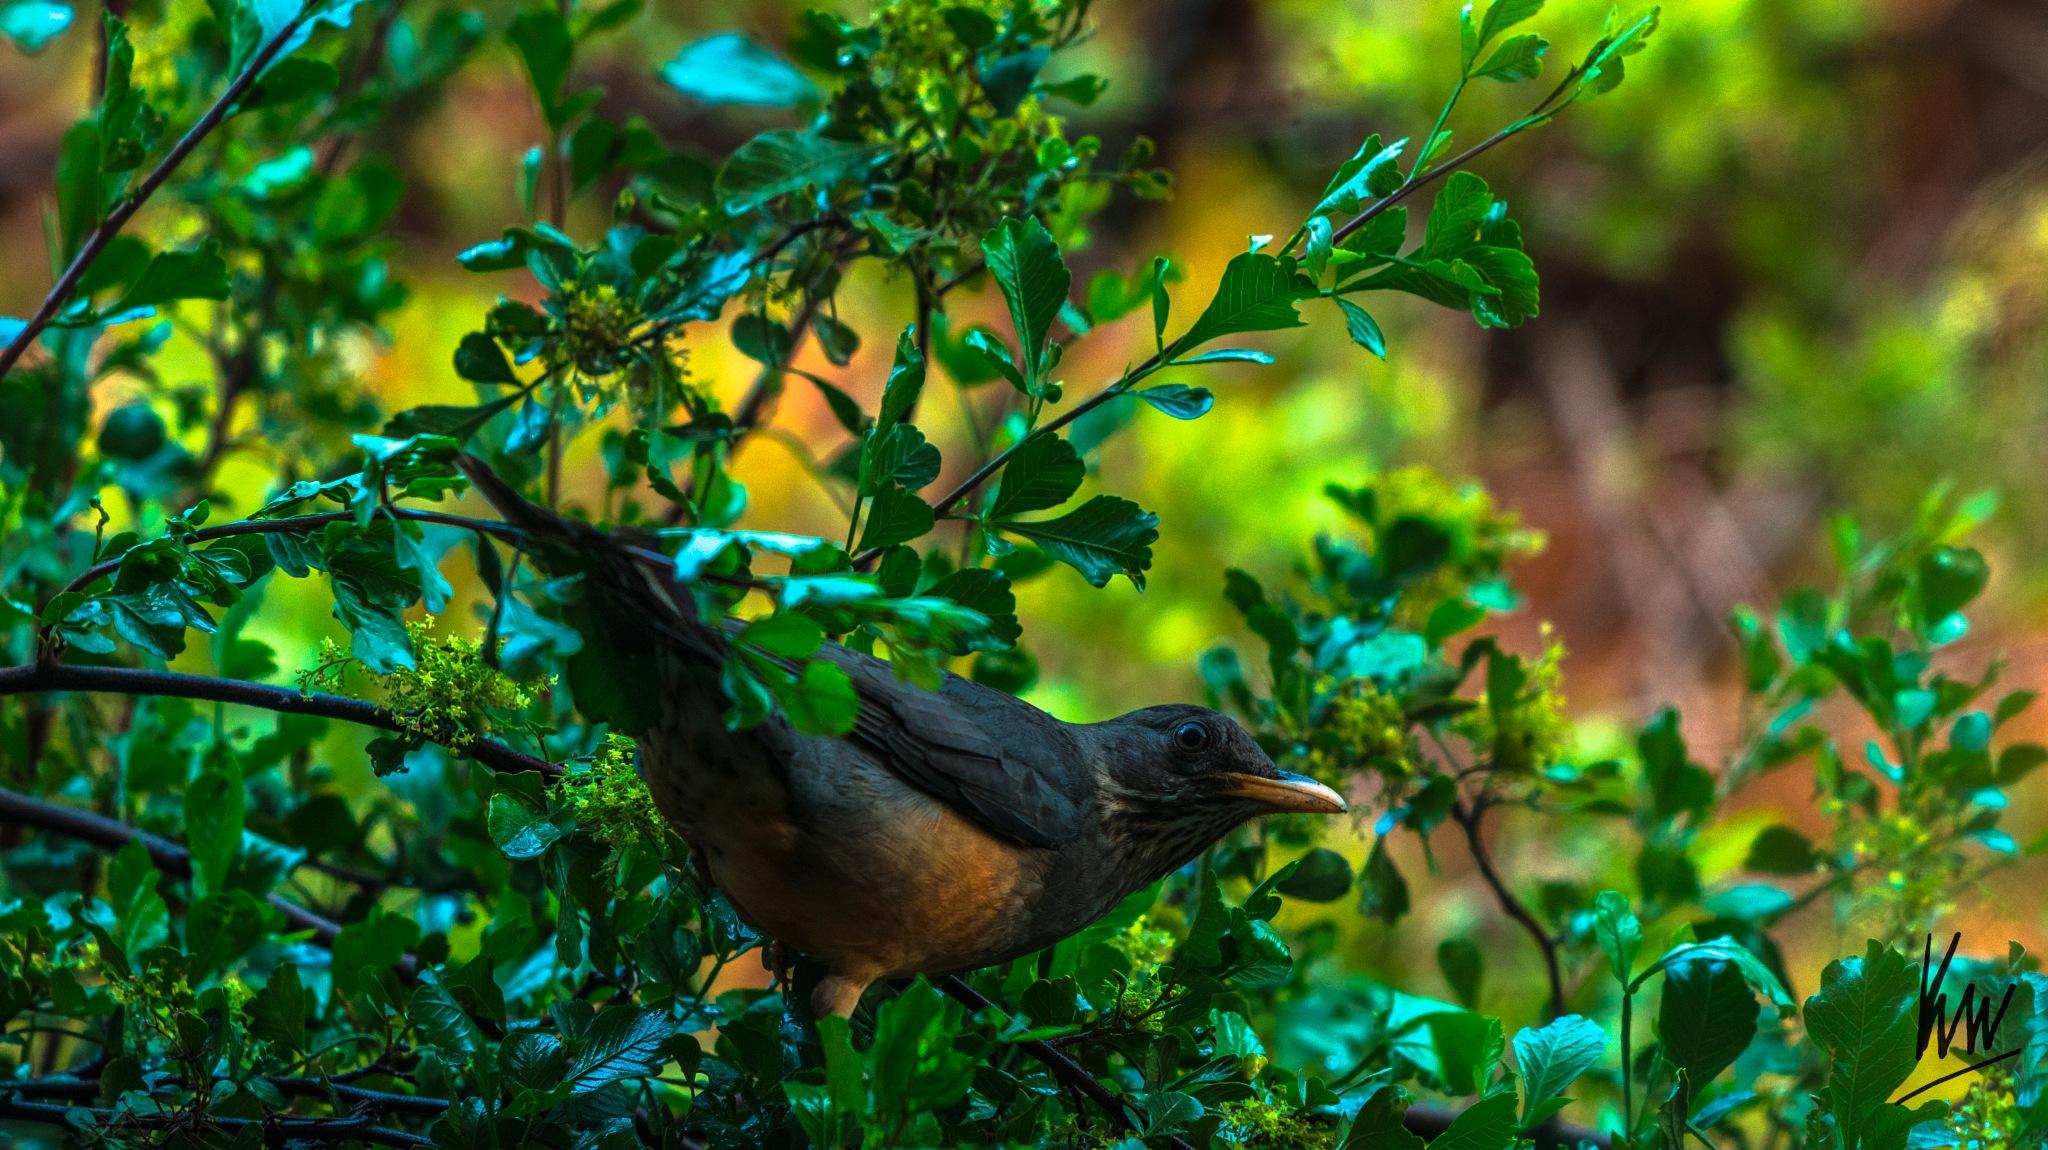 Robin by Ken Ward